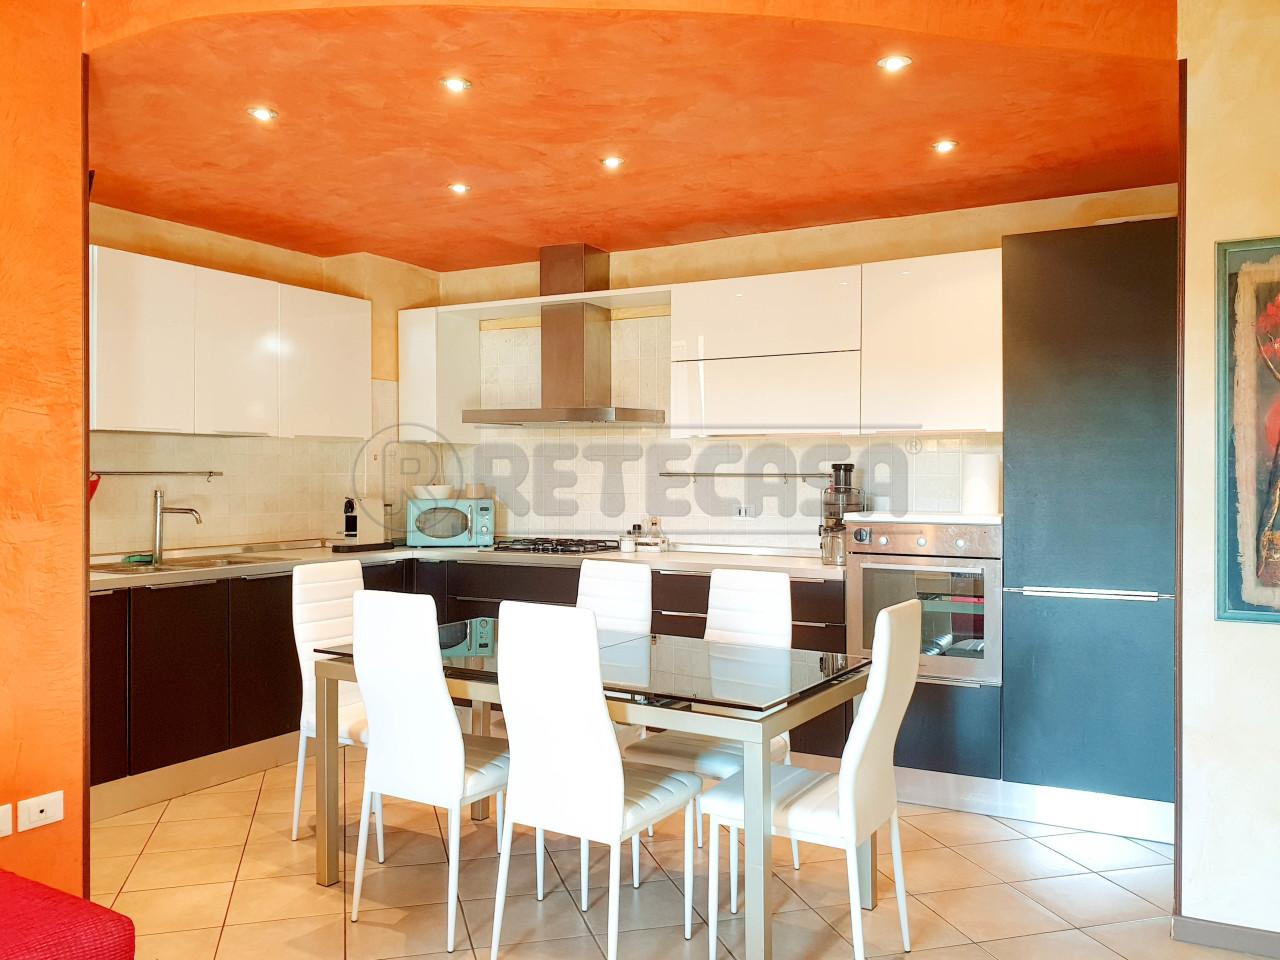 Appartamento in vendita a Creazzo, 4 locali, prezzo € 165.000 | PortaleAgenzieImmobiliari.it